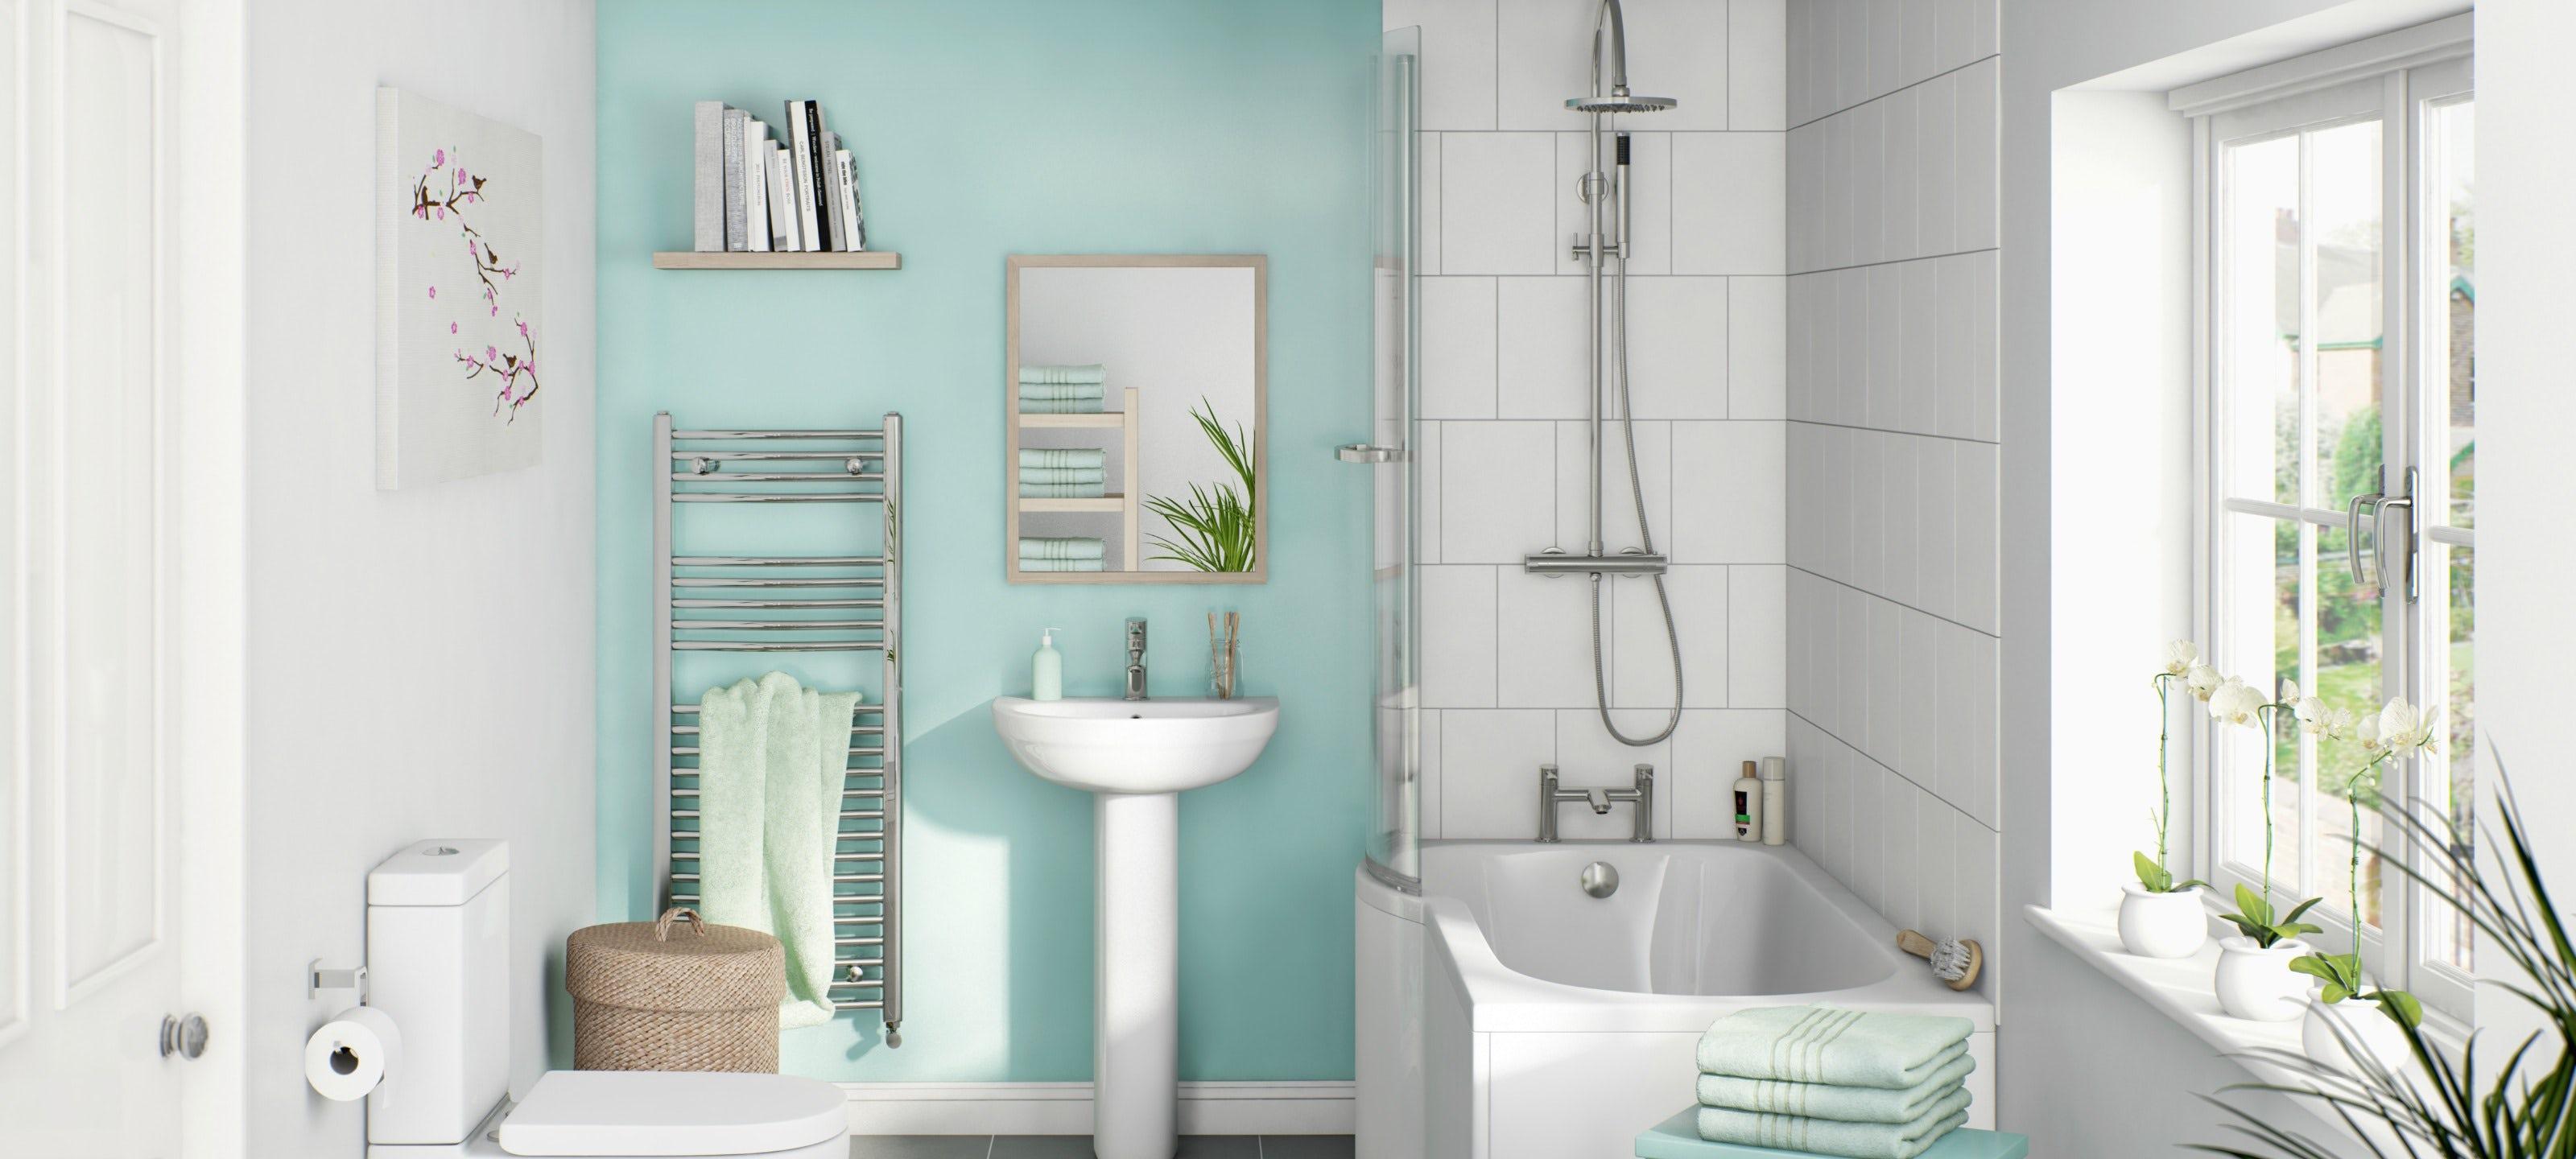 Create a big splash in the bathroom on a budget